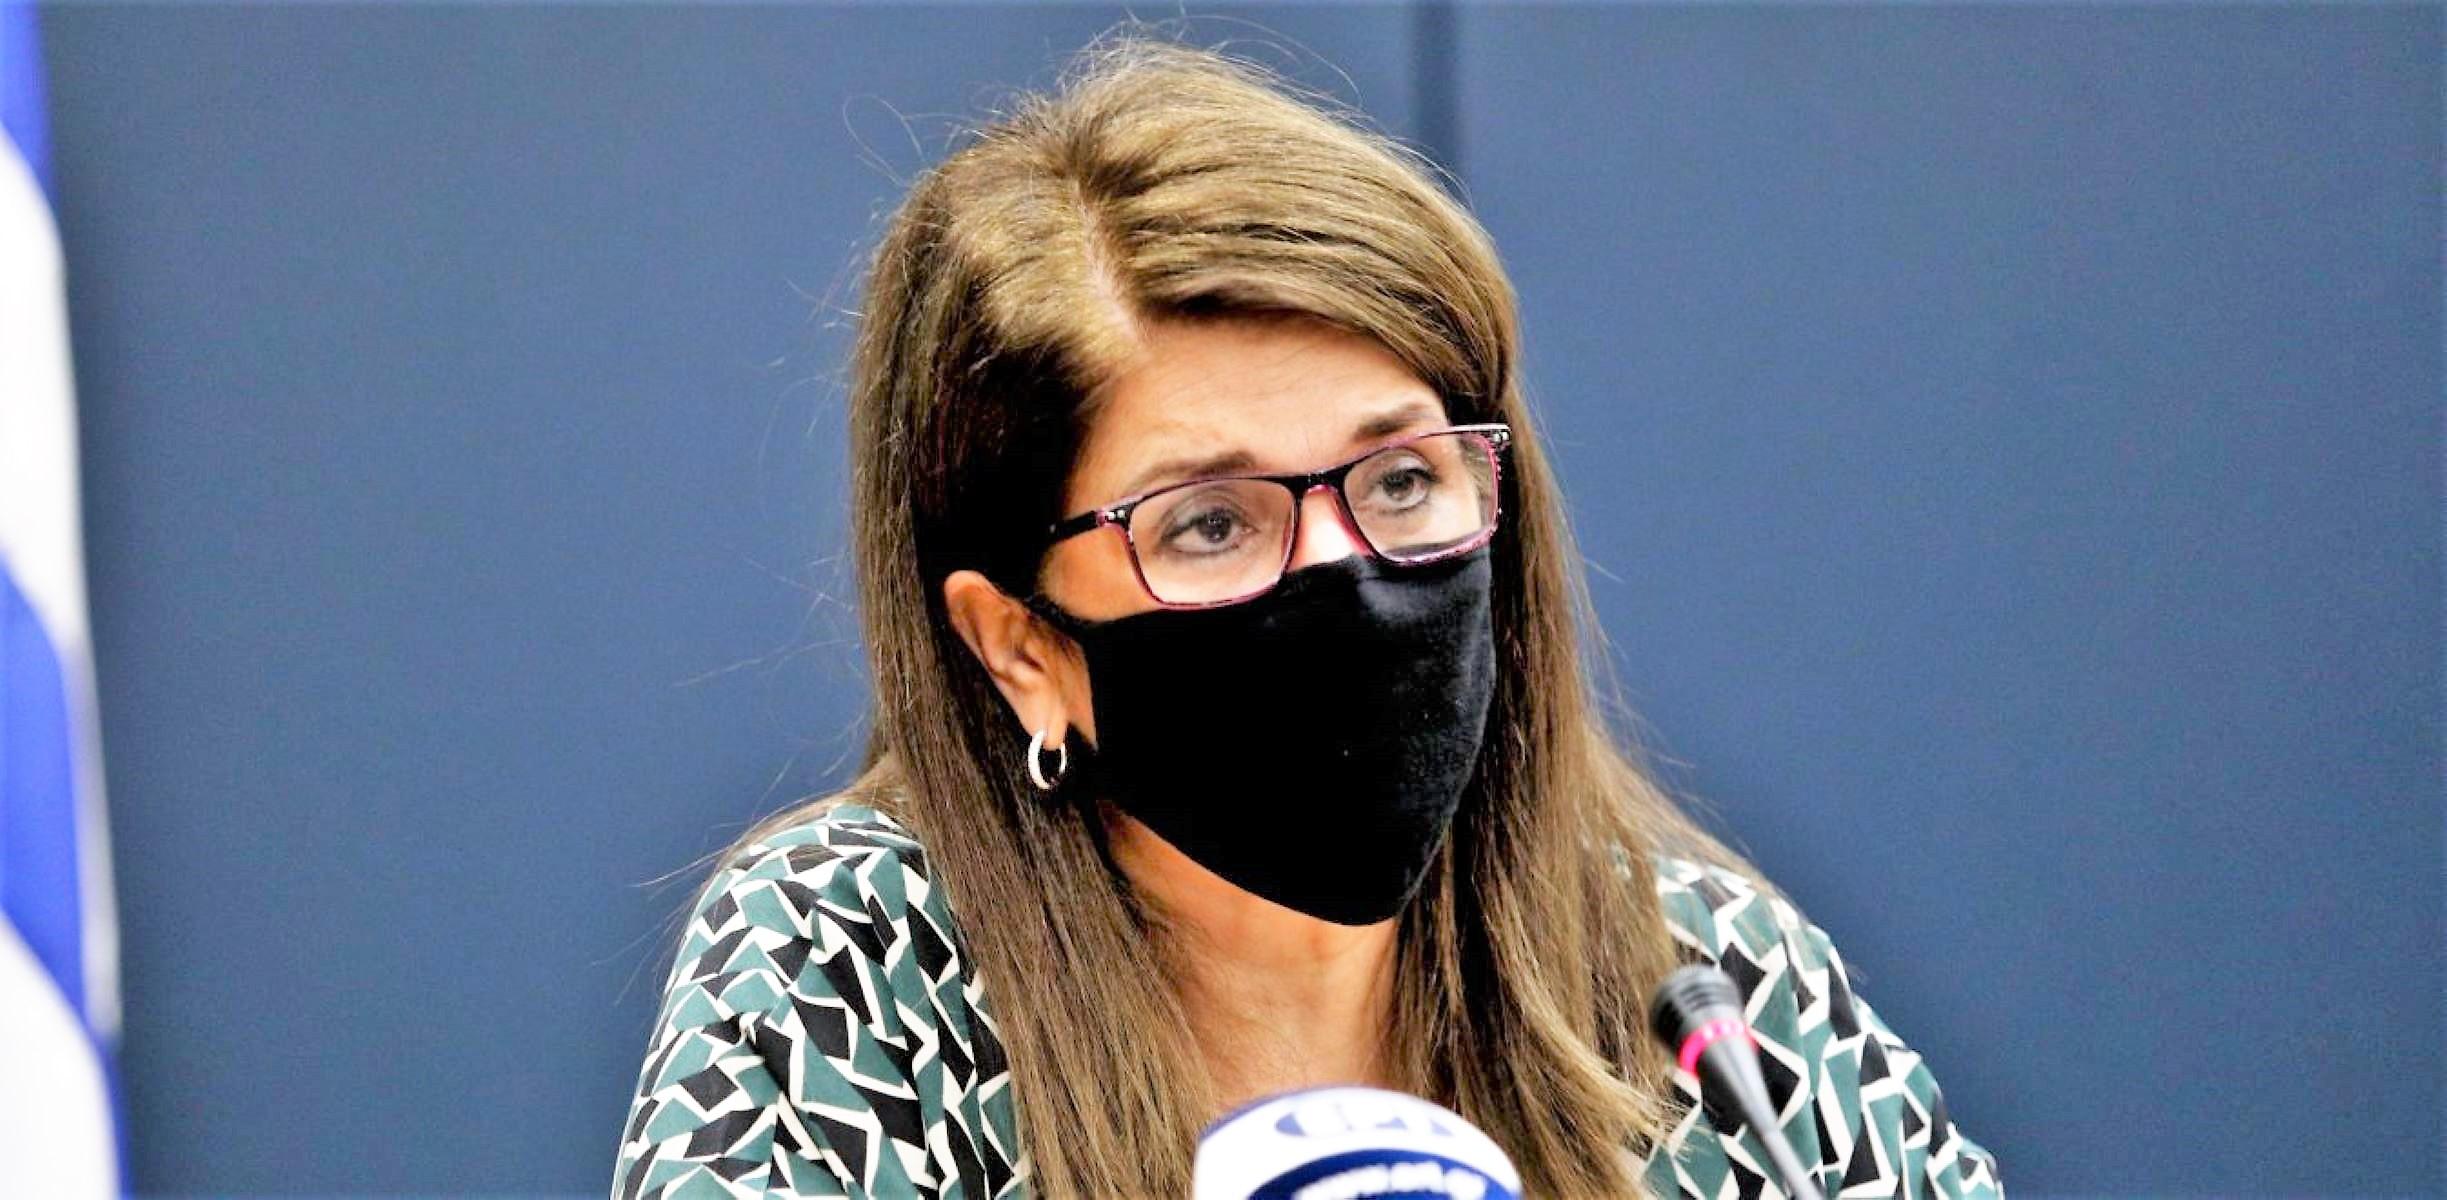 Παπαευαγγέλου – κορωνοϊός: «Μόλις 8 λεπτά αρκούν για να μεταδοθεί ο ιός στο σπίτι αν δε φοράμε μάσκα»